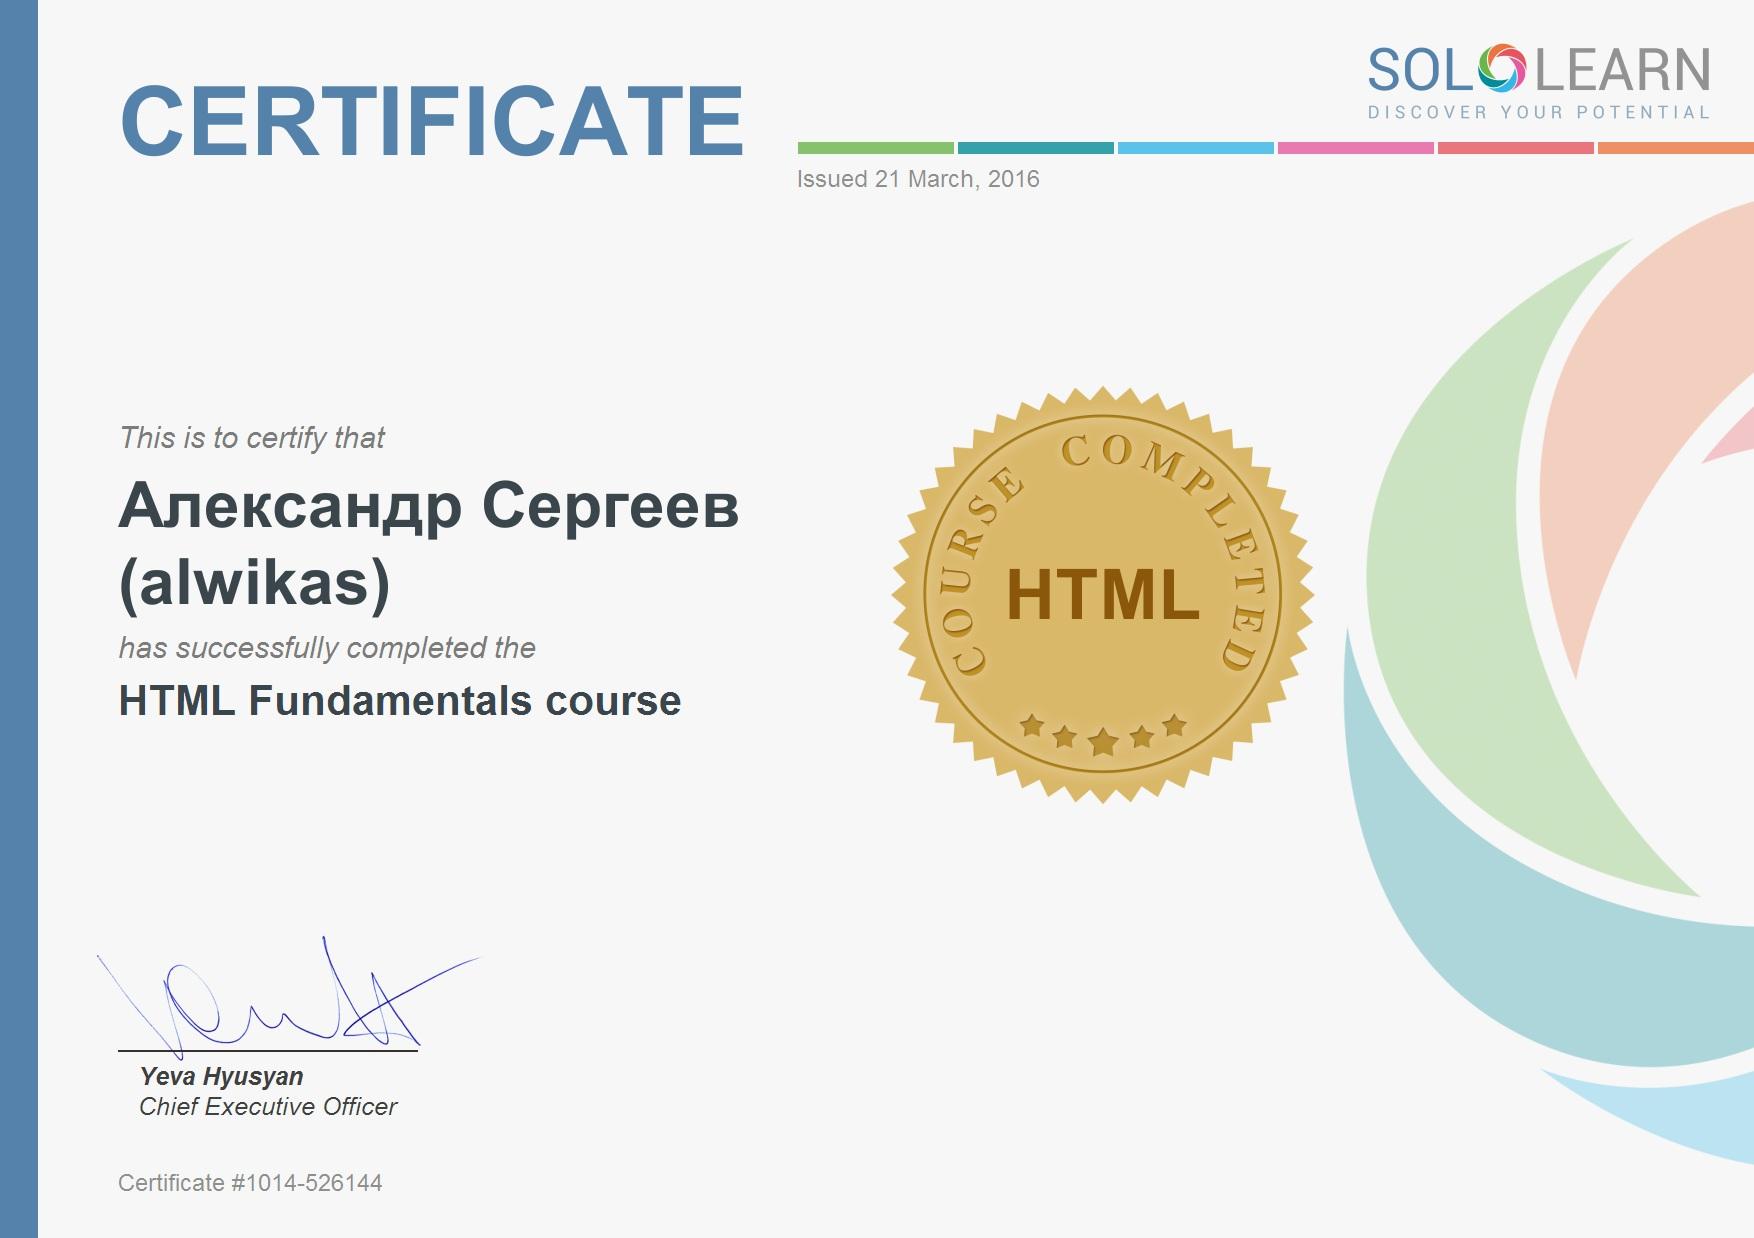 Фото Сертификат об обучении языку гипертекстовой разметки HTML. HTML — стандартизированный язык разметки документов во Всемирной паутине. Большинство веб-страниц содержат описание разметки на языке HTML (или XHTML). Язык HTML интерпретируется браузерами; полученный в результате интерпретации форматированный текст отображается на экране монитора компьютера или мобильного устройства.